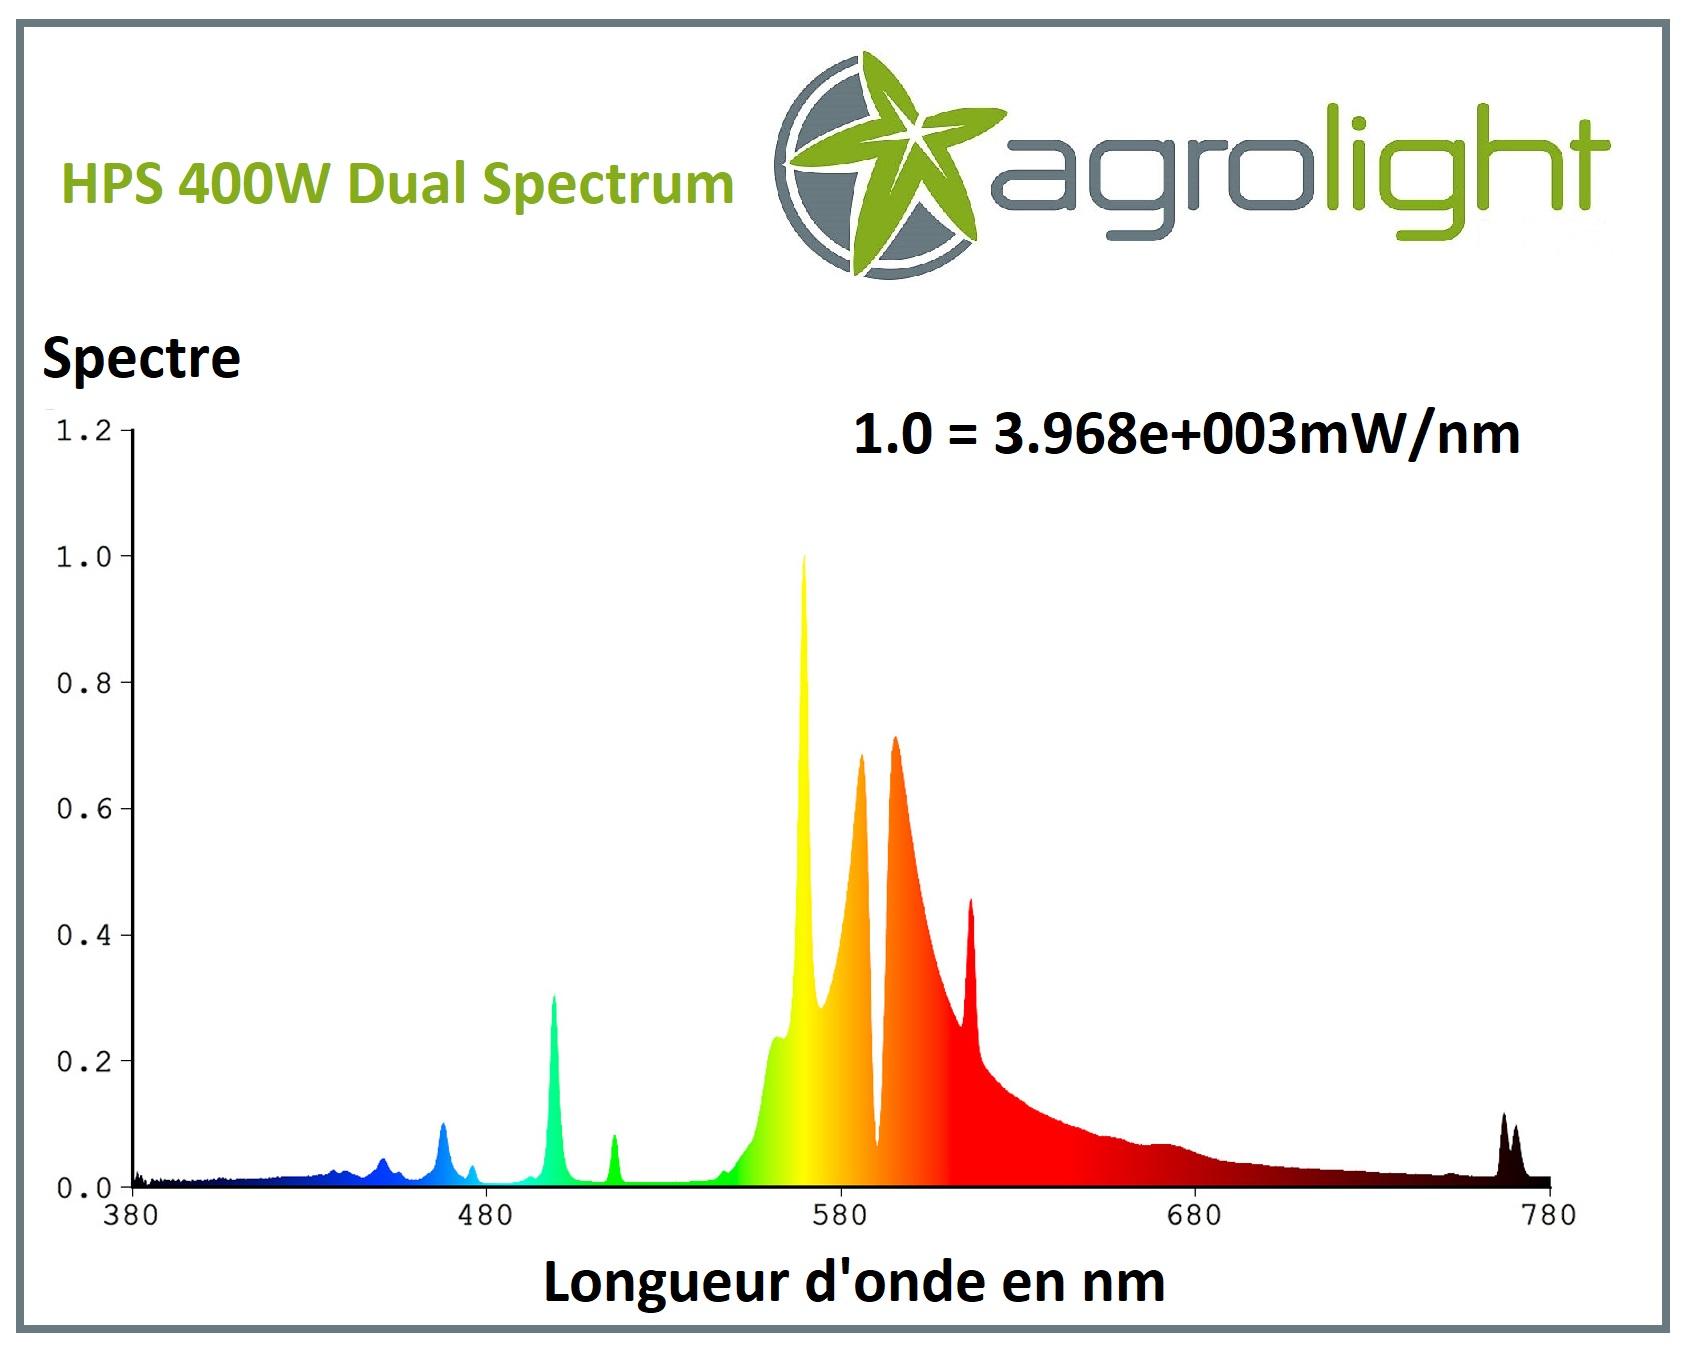 Courbe spectrale de la lampe HPS 400W Agrolight